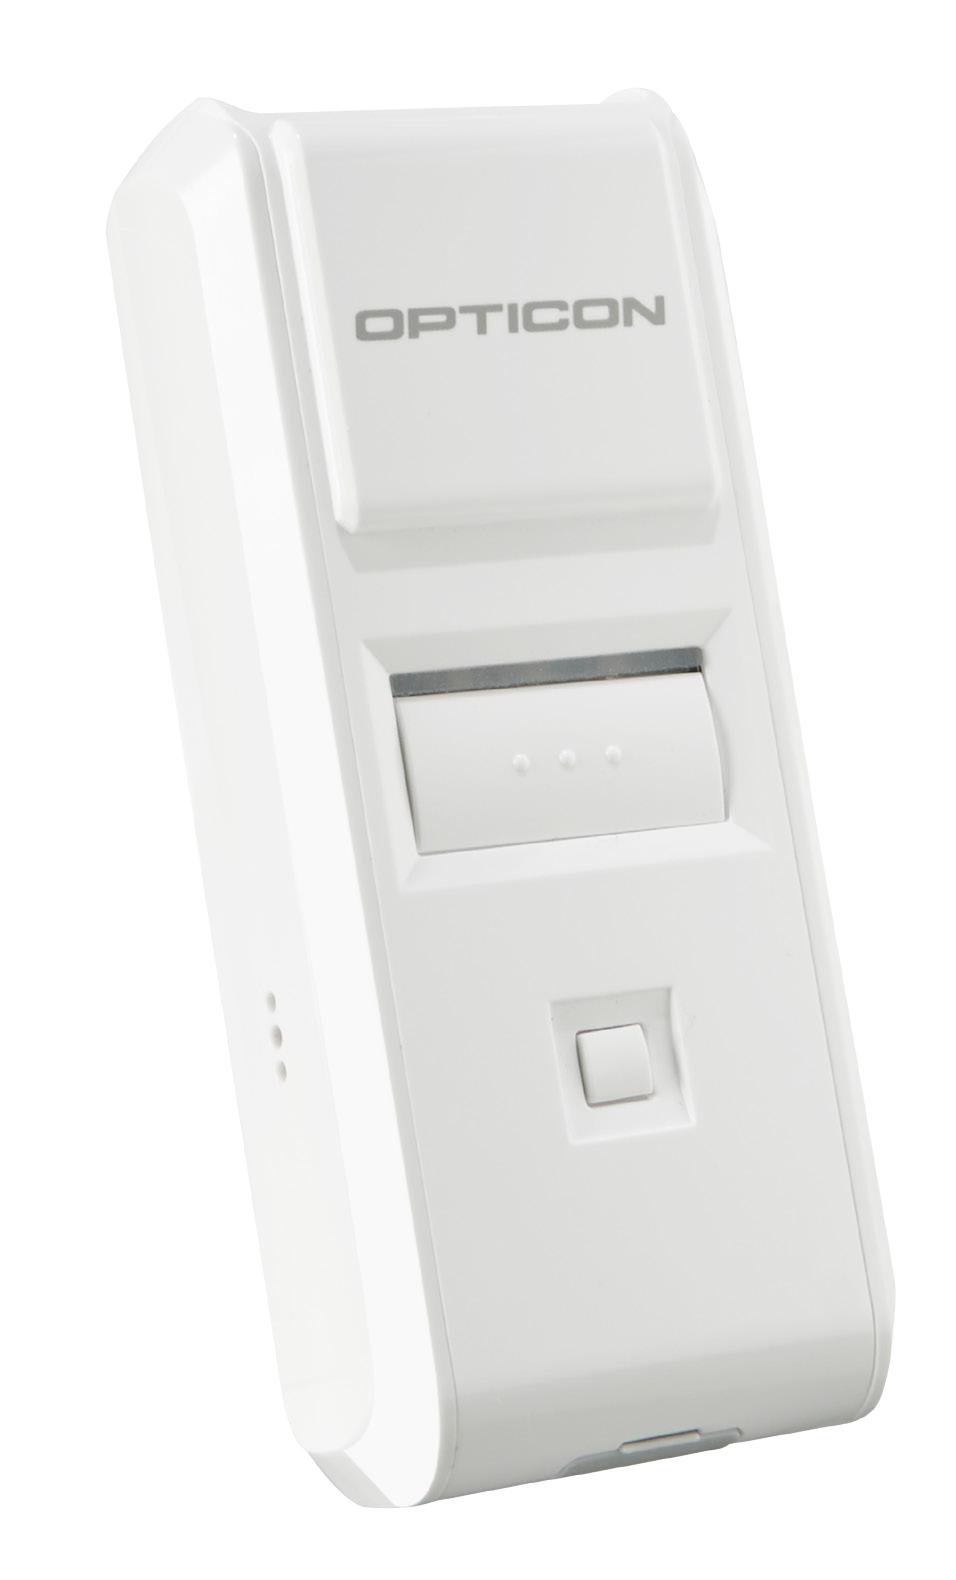 Opticon OPN-4000i Lector de códigos de barras portátil 1D CCD Blanco